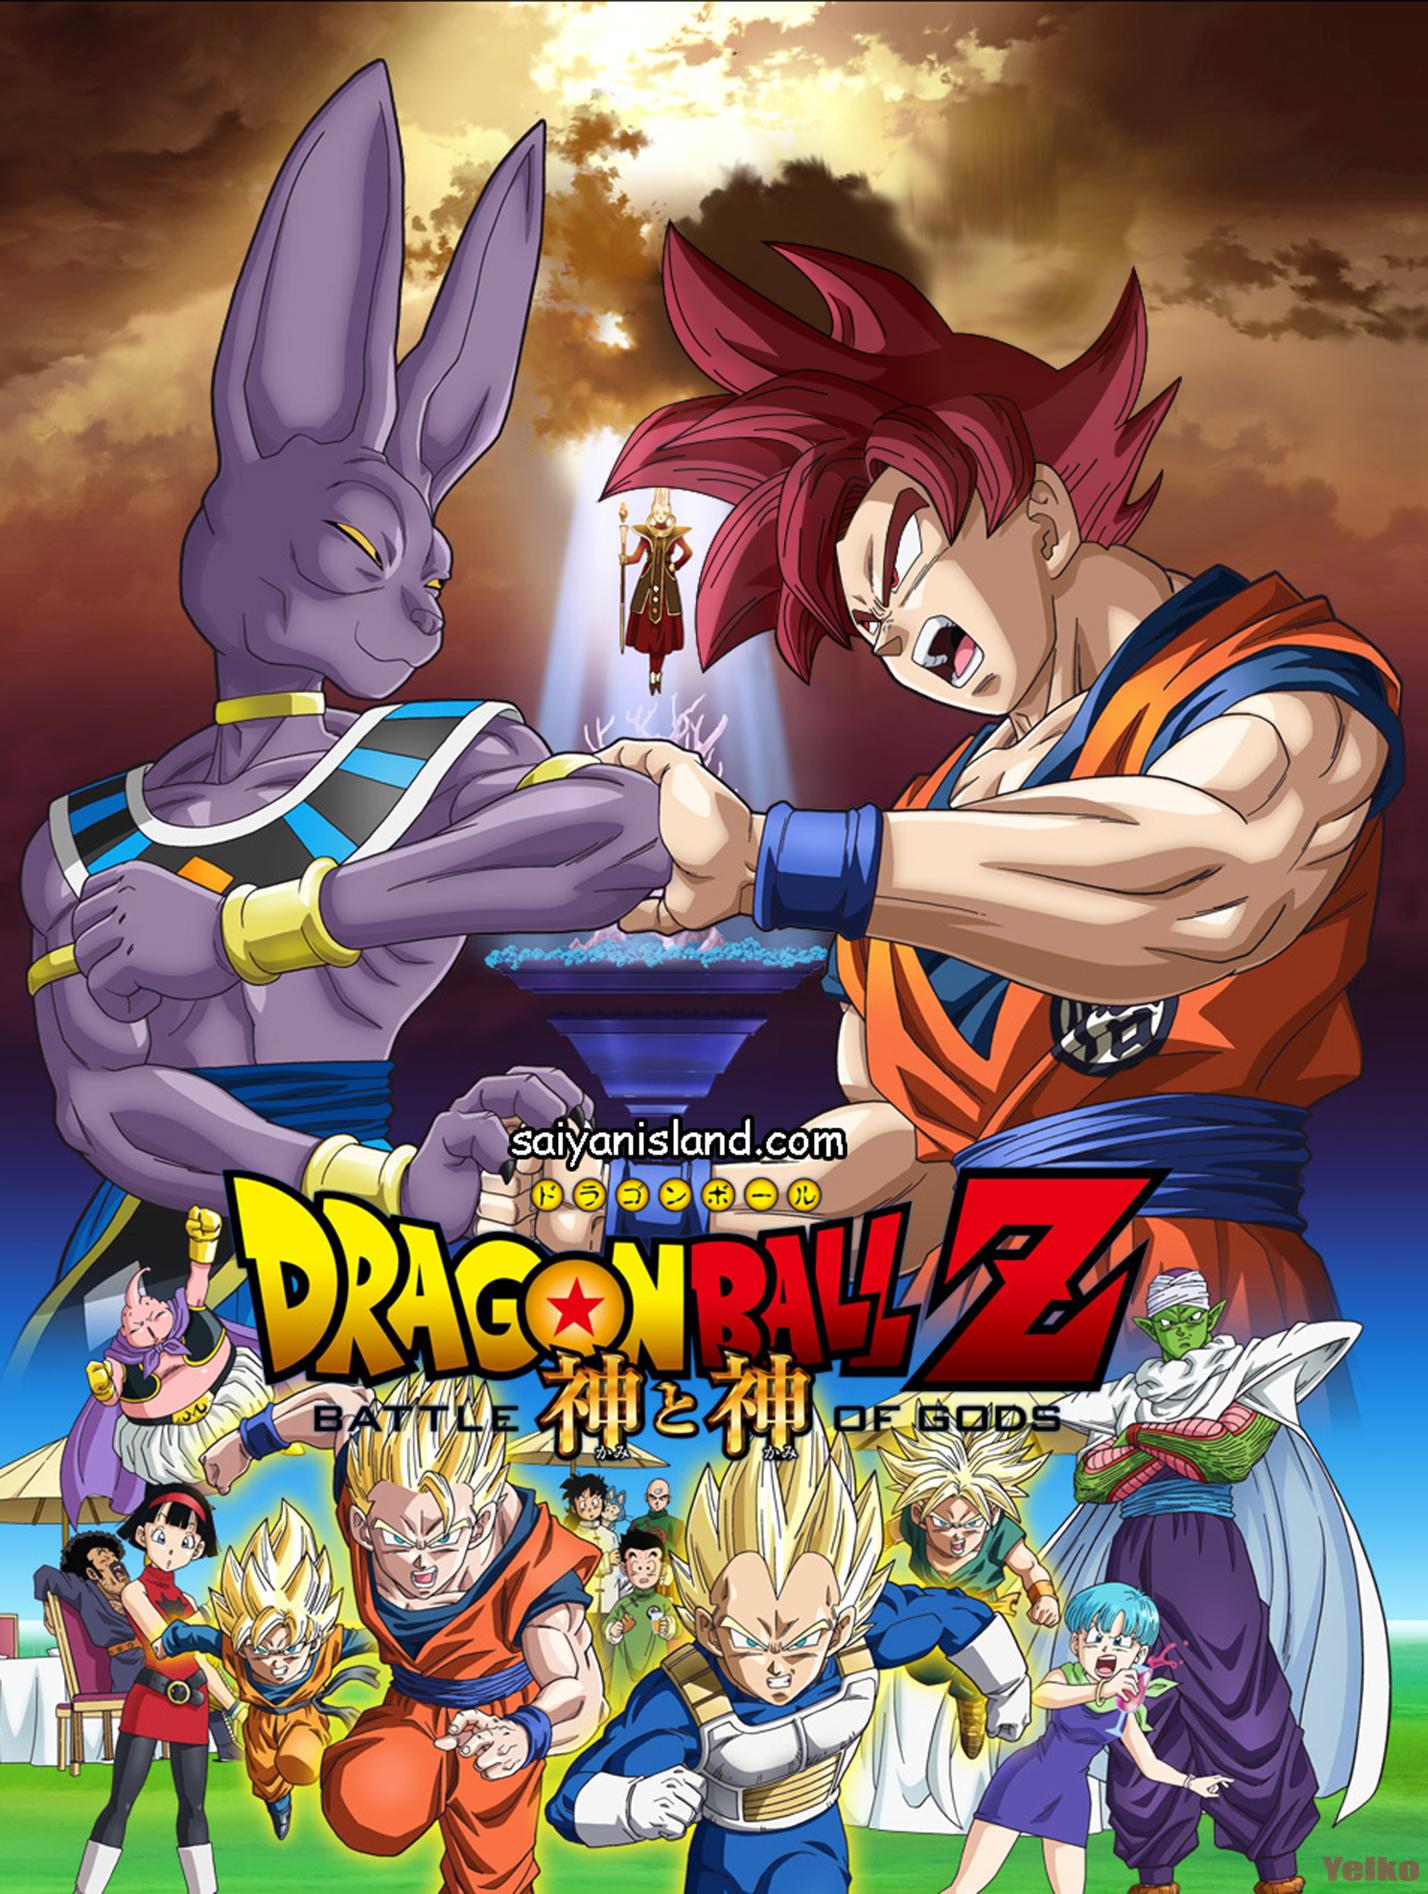 Google chrome themes dragon ball z - Dragon Ball Z Battle Of Gods Wallpaper By Xyelkiltrox